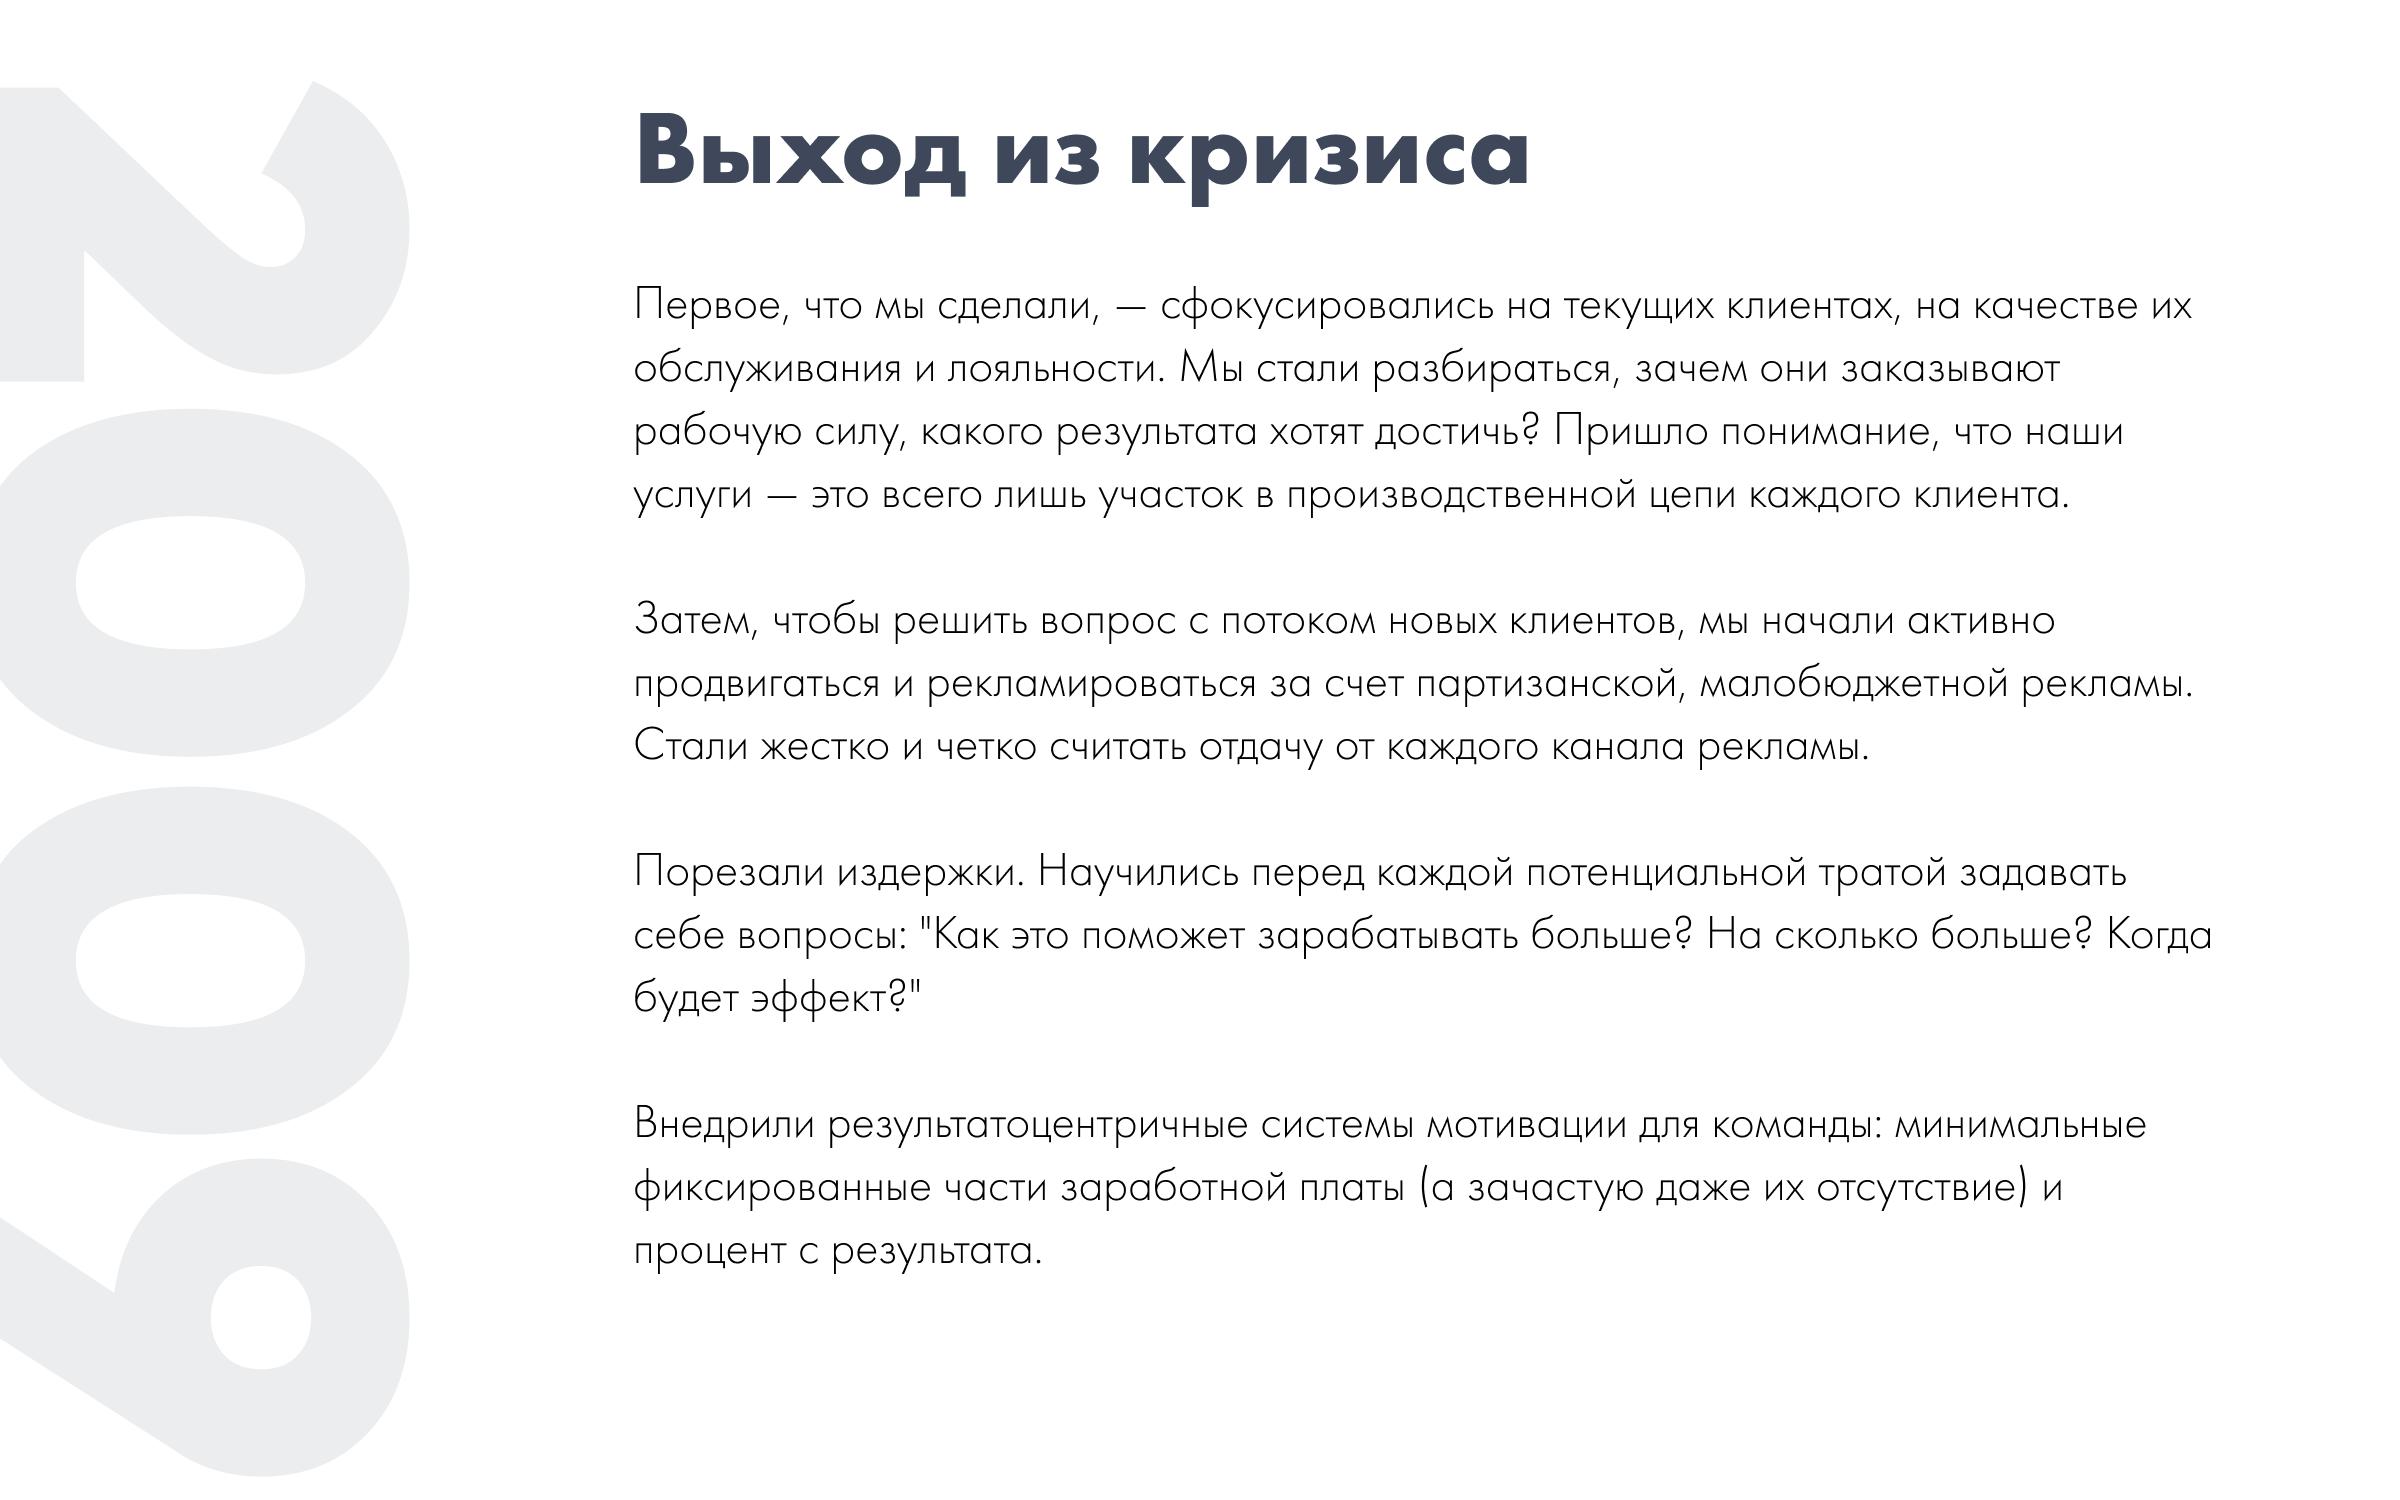 Банк сиаб санкт петербург выписка онлайн